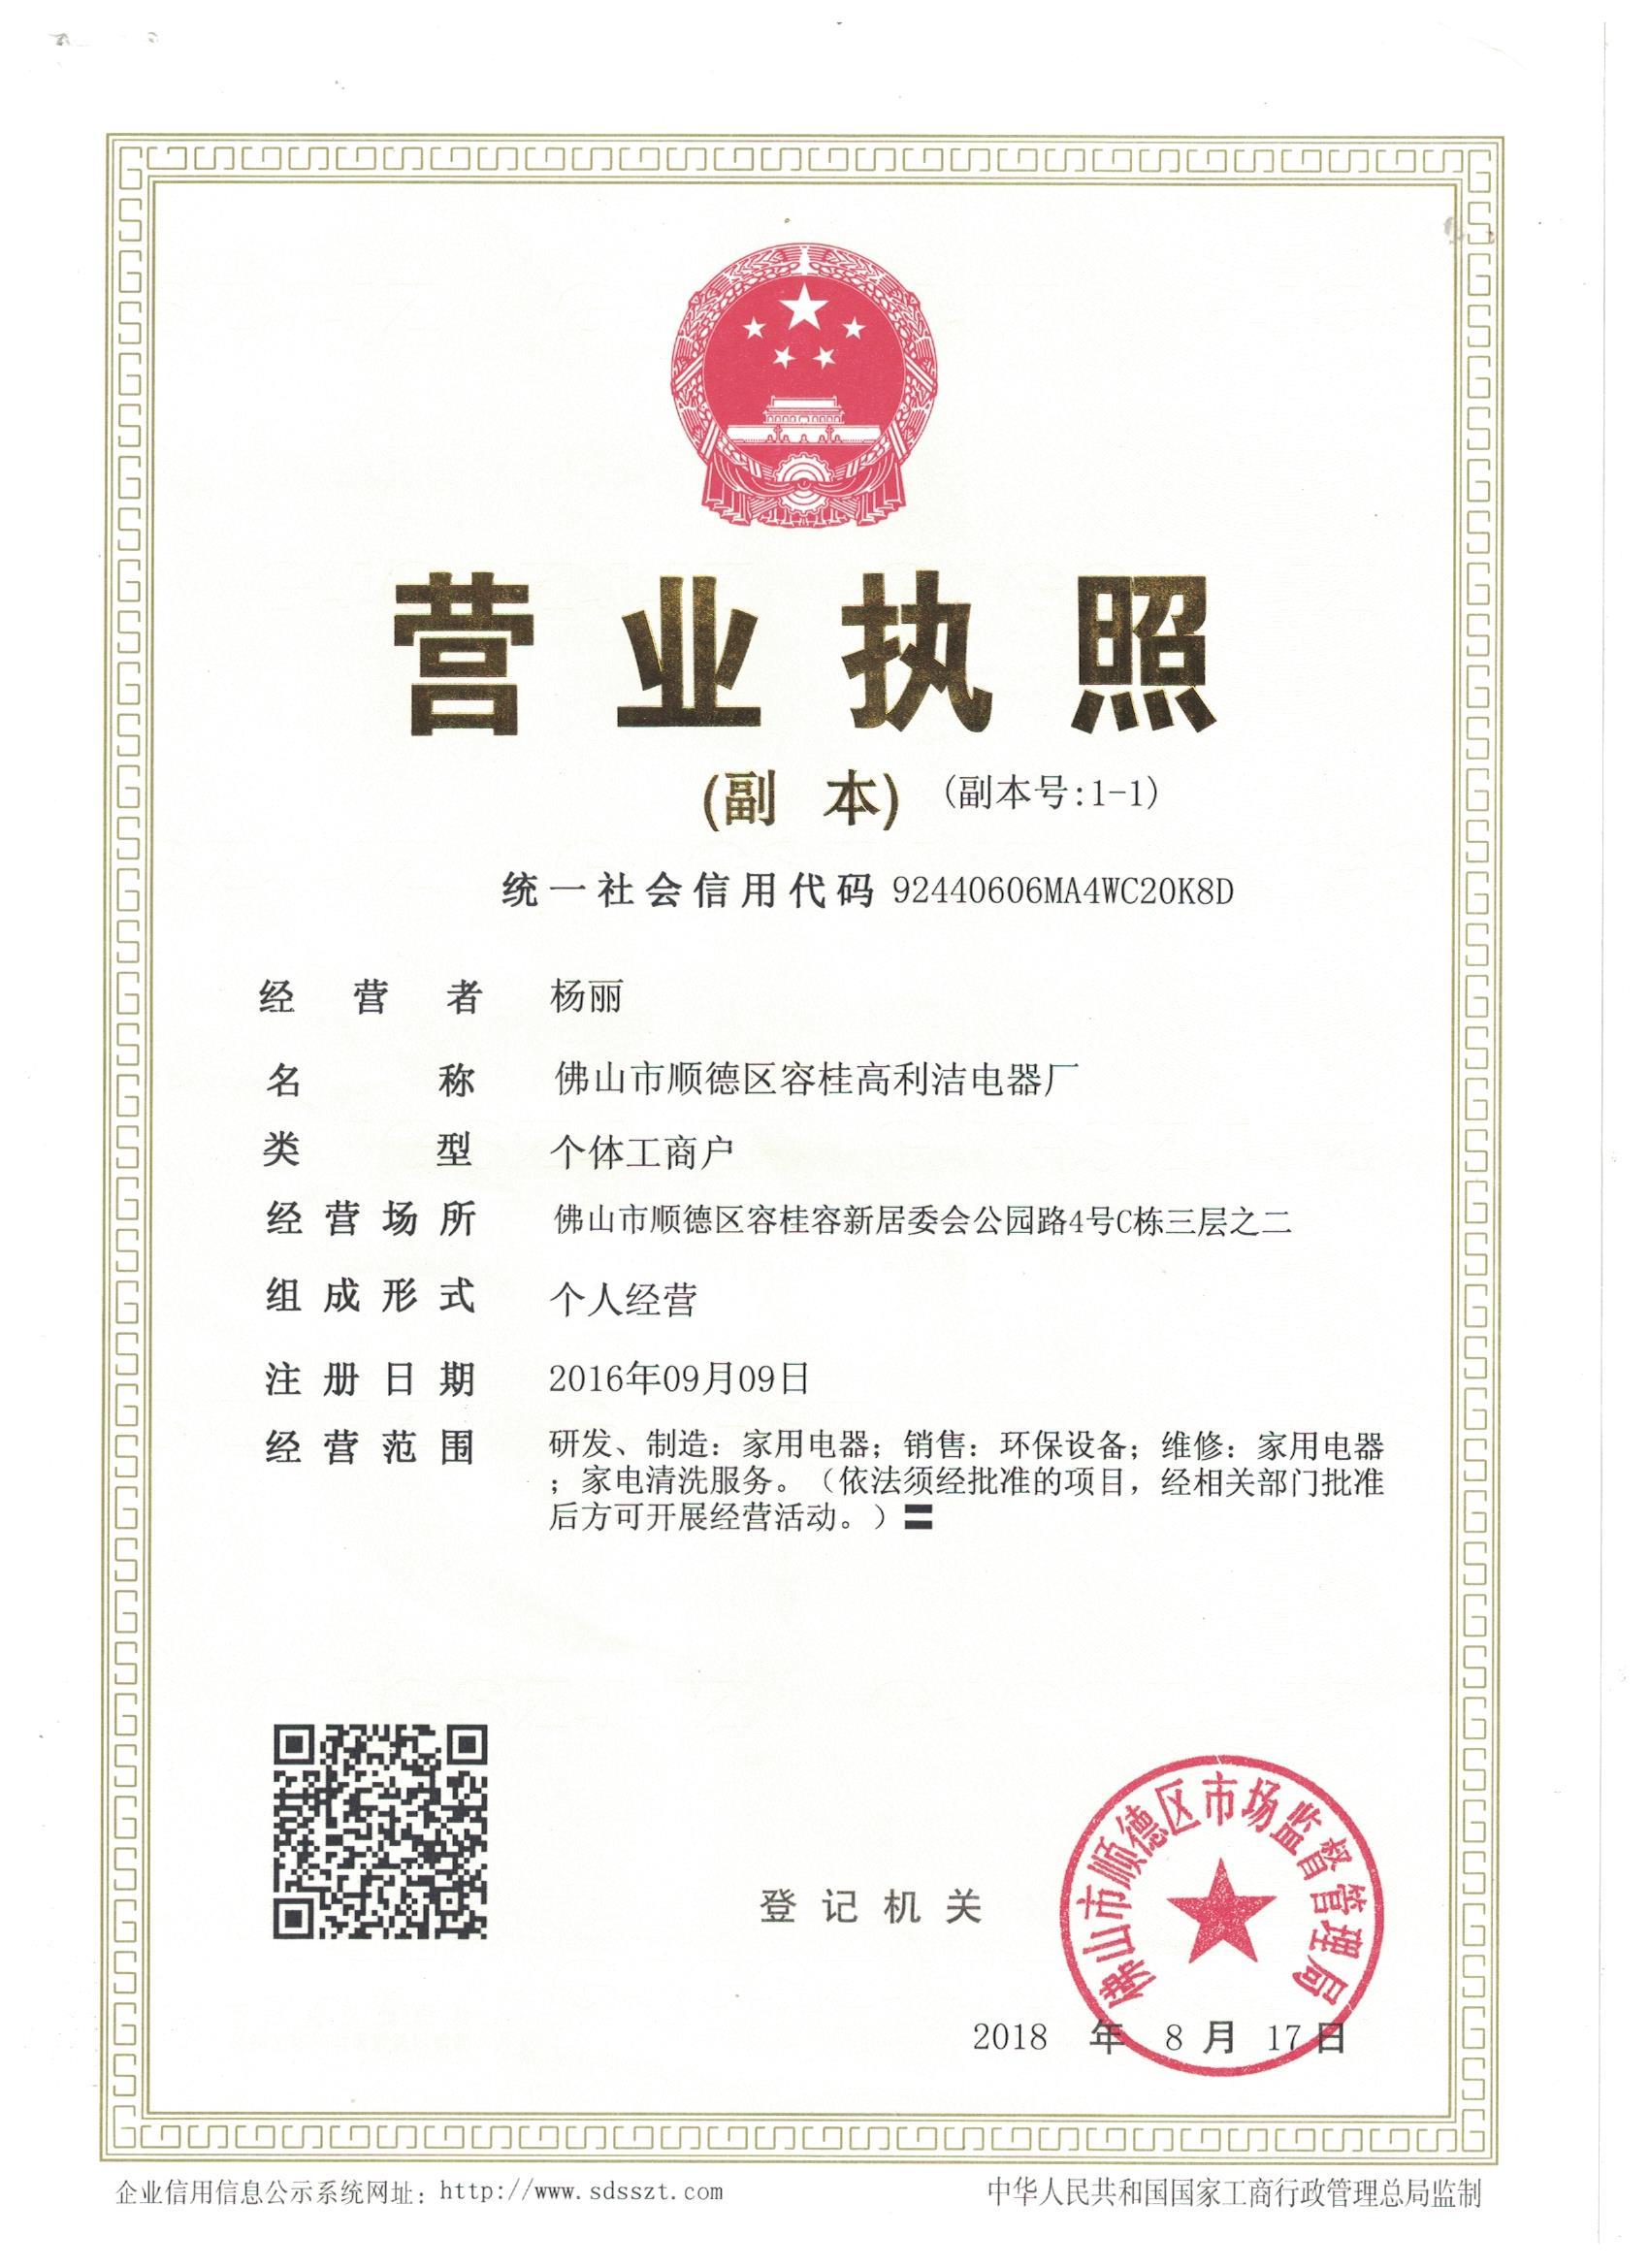 zhiqingjie888